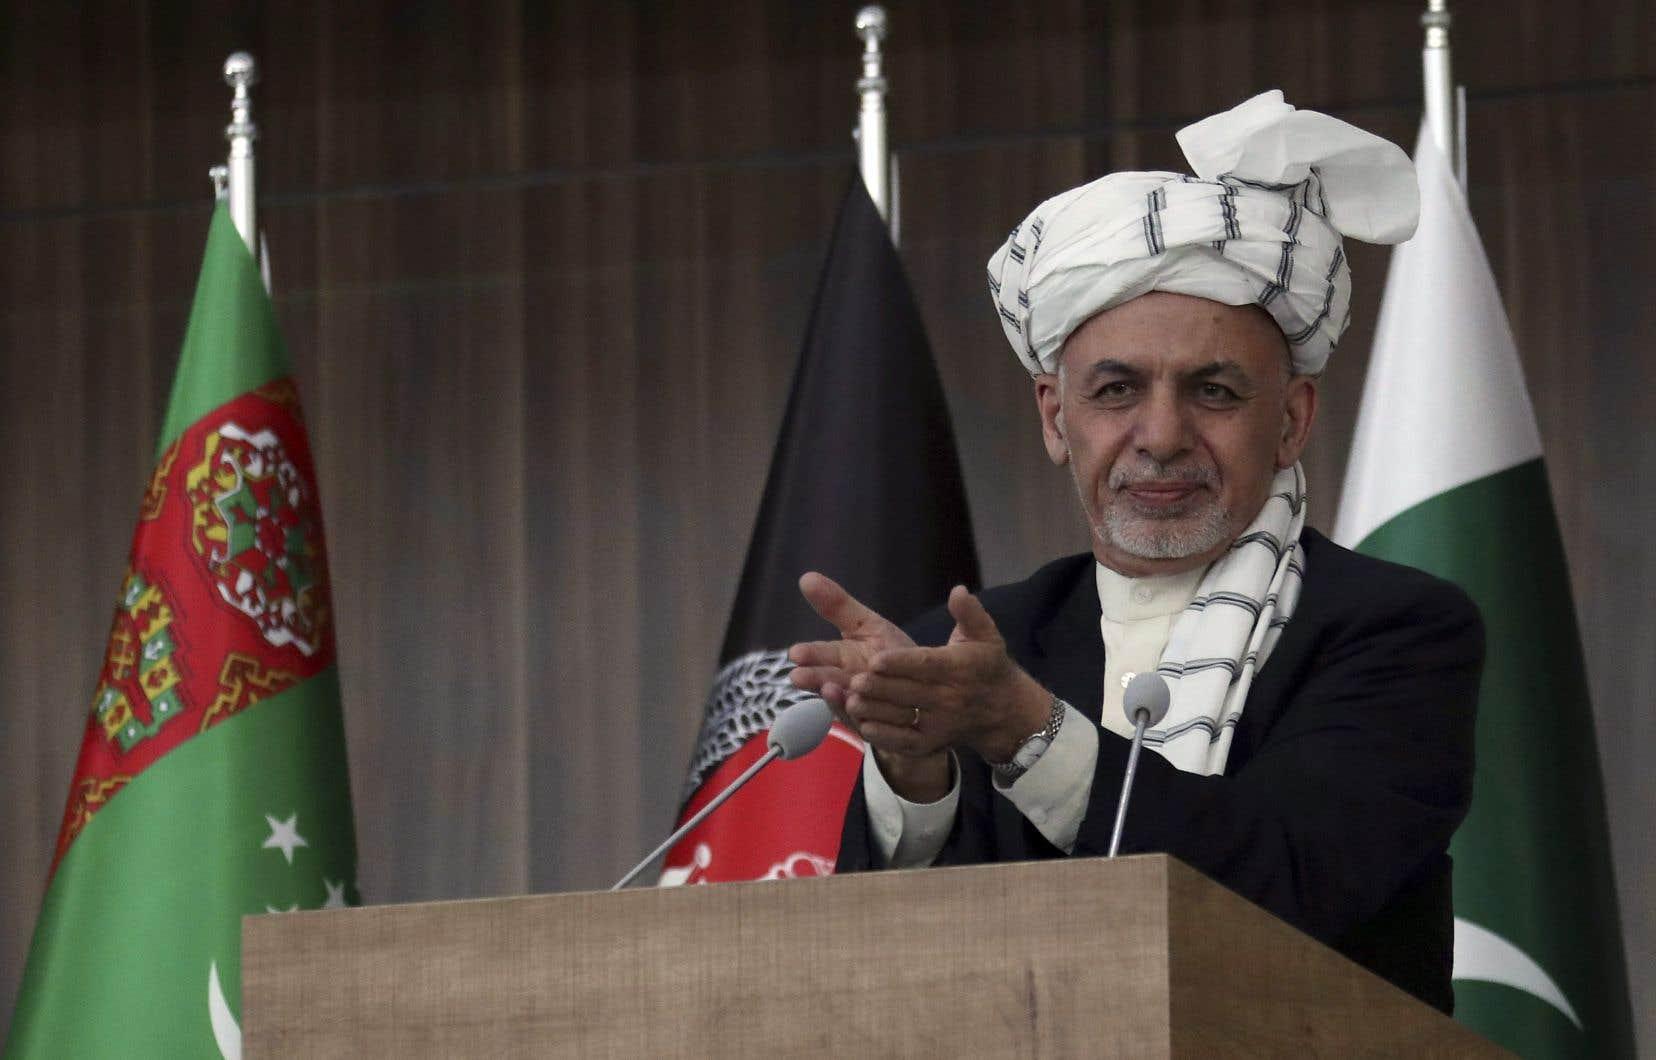 Le président Ghani a tendu la main aux insurgés, laissant entrevoir aux talibans un rôle institutionnel en tant que parti politique.